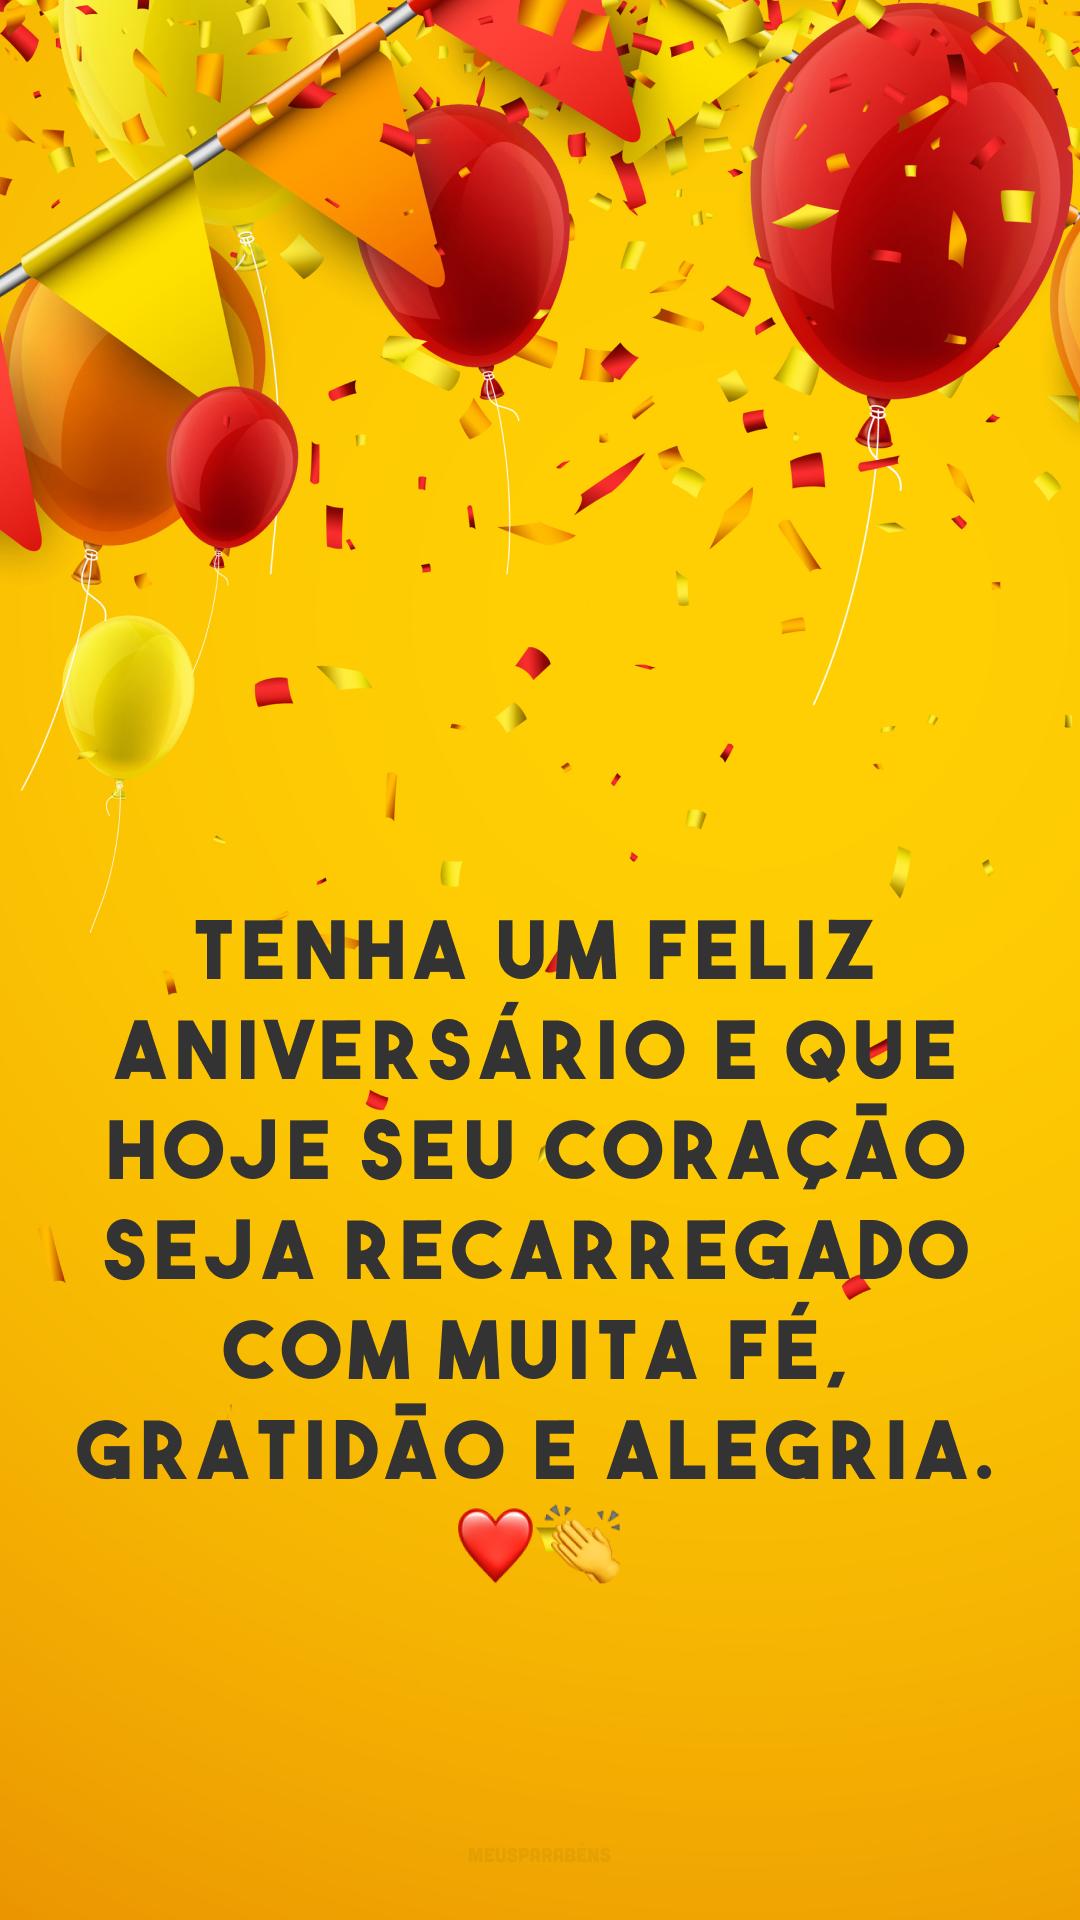 Tenha um feliz aniversário e que hoje seu coração seja recarregado com muita fé, gratidão e alegria. ❤👏